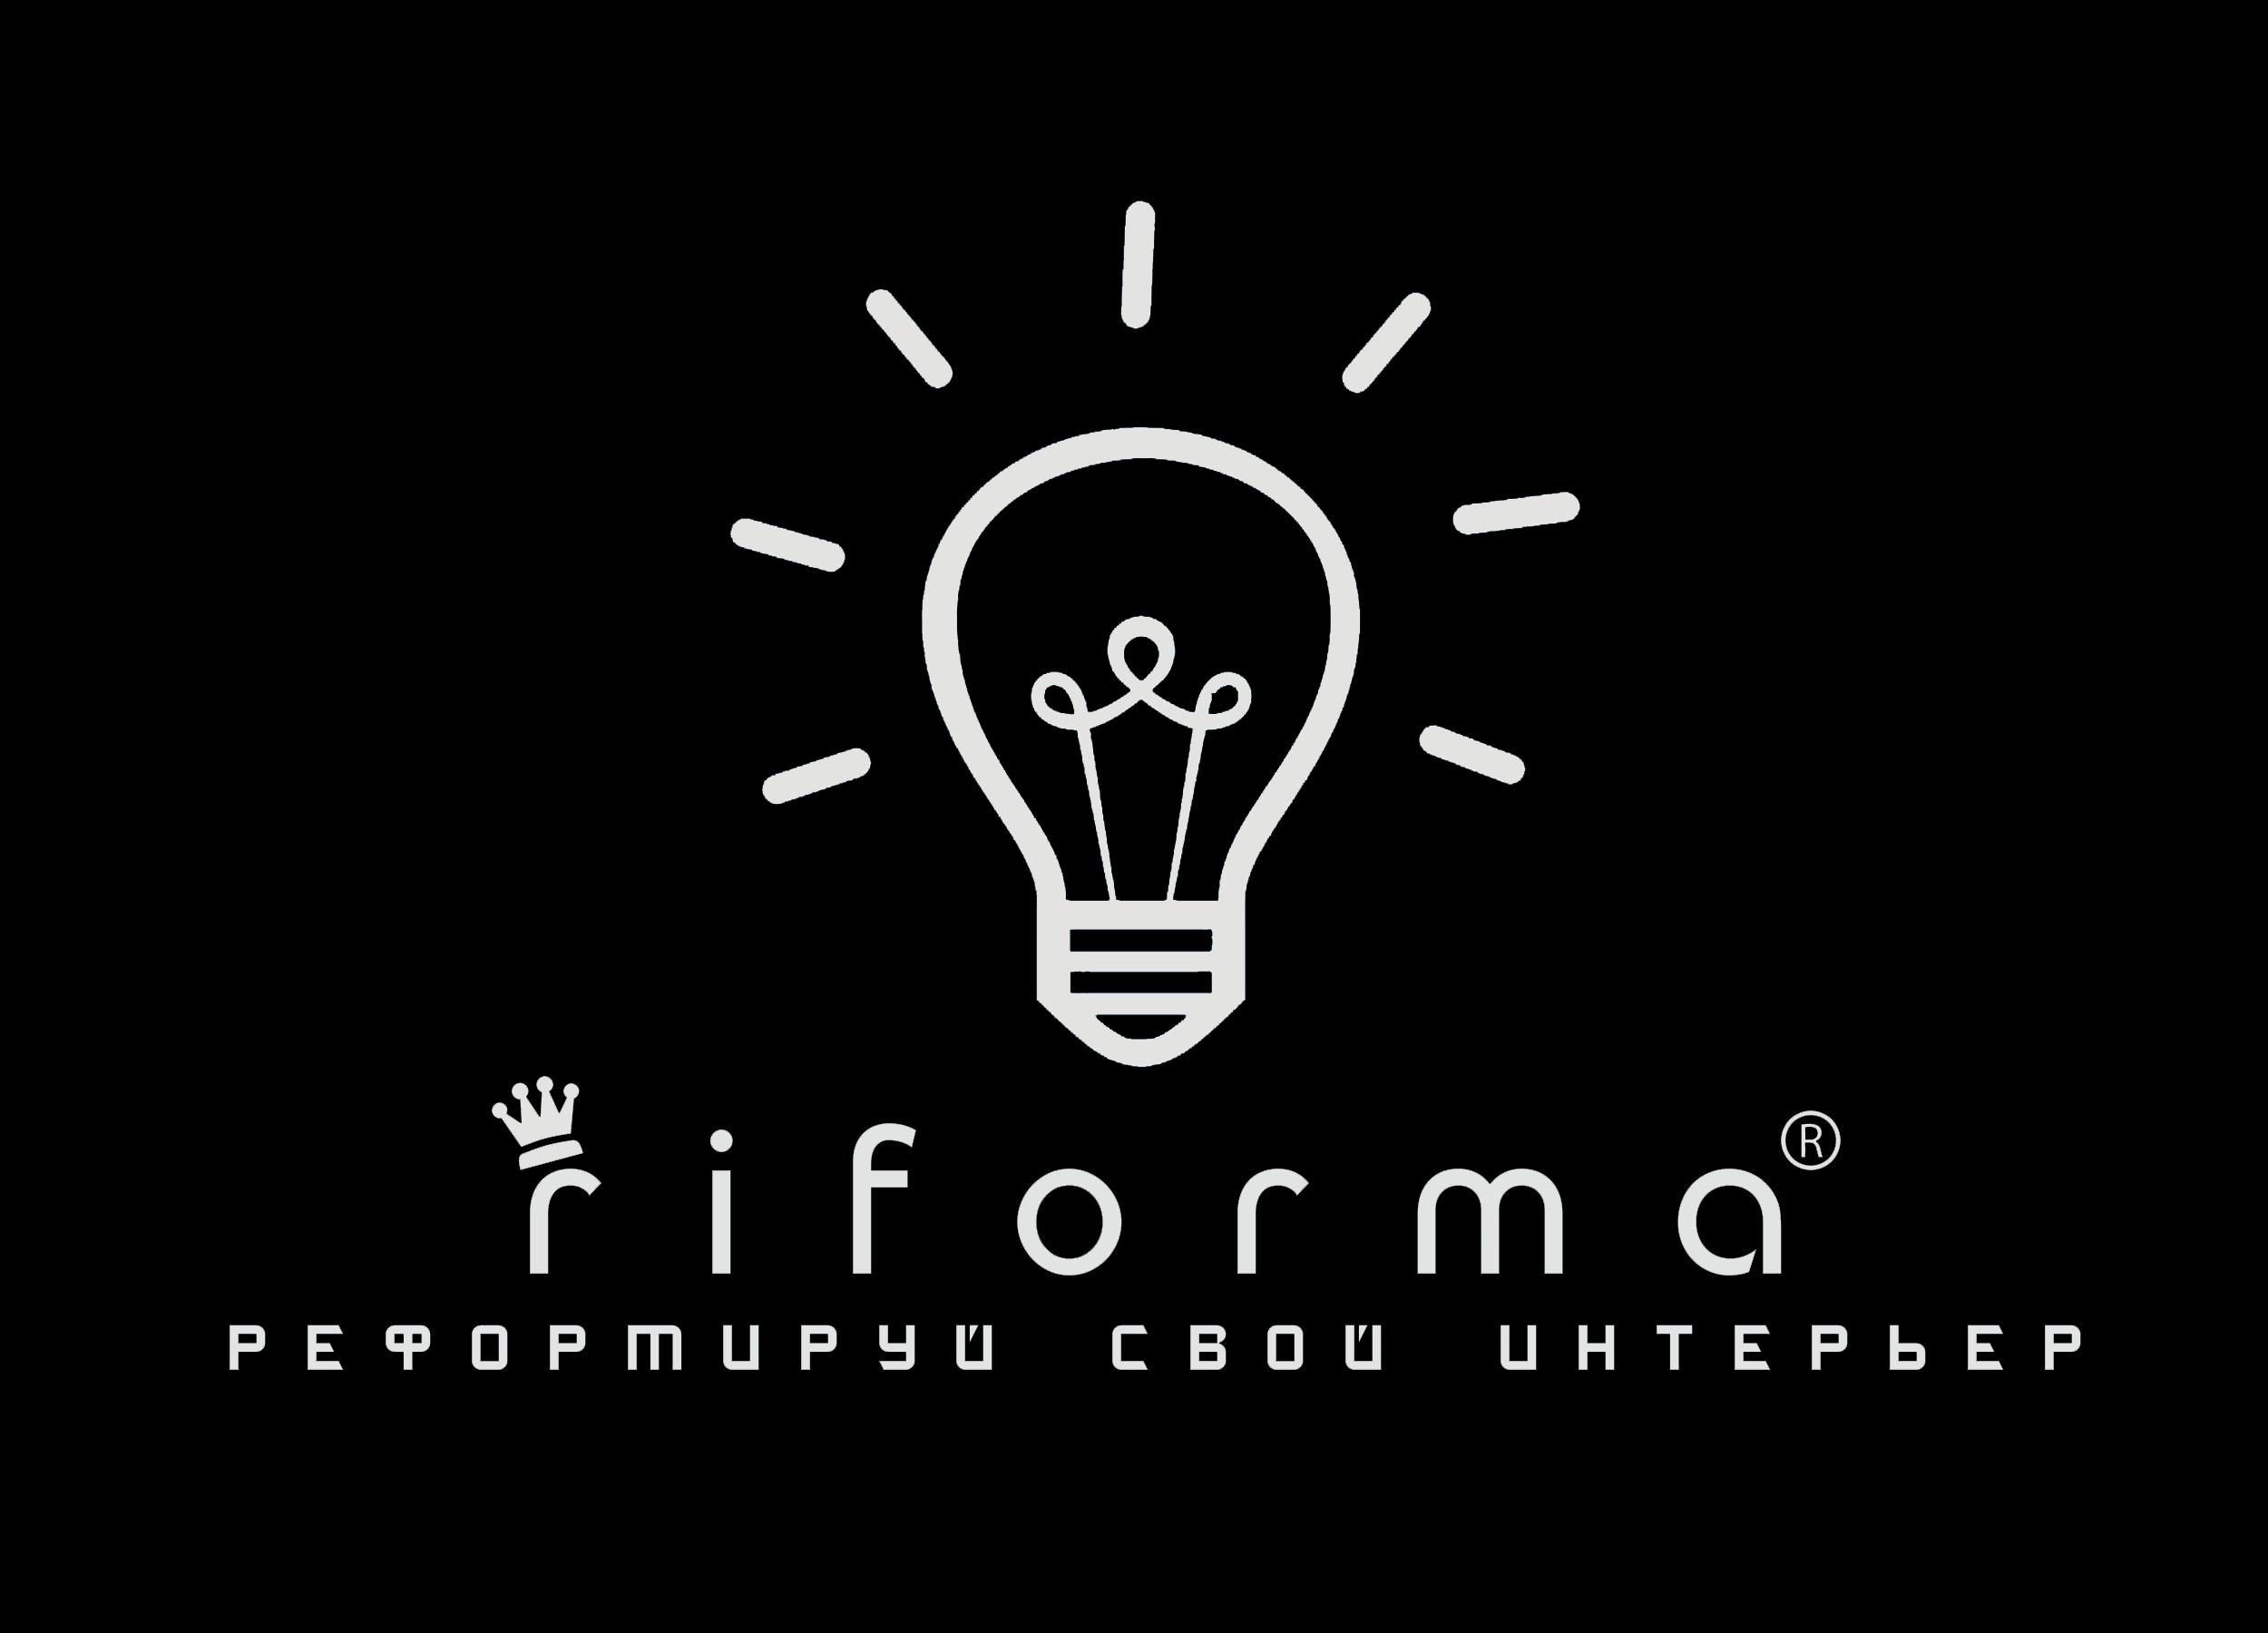 Разработка логотипа и элементов фирменного стиля фото f_0185794ea0f7d959.jpg